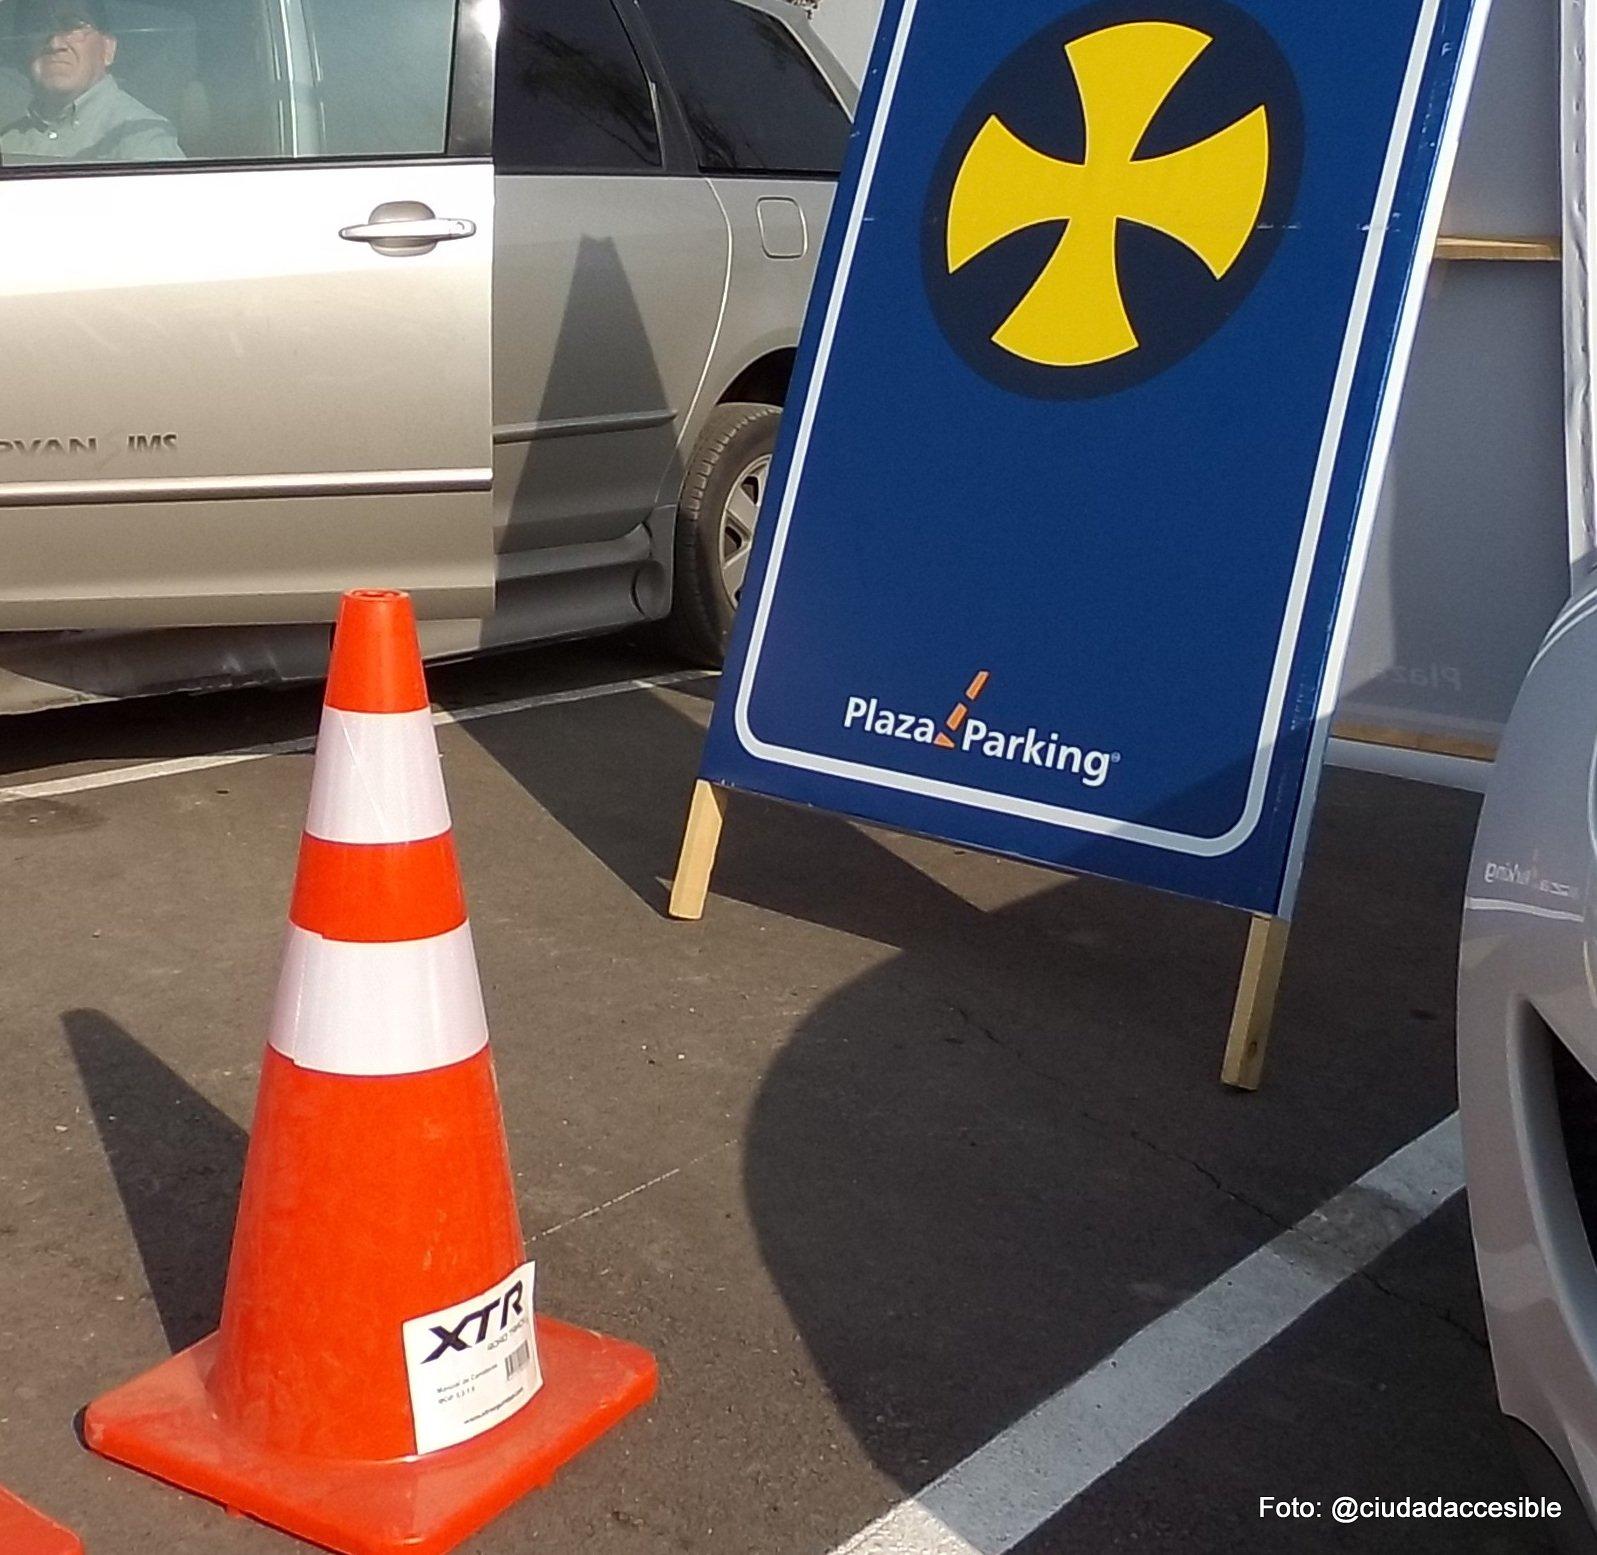 Estacionamiento para personas con discapacidad mal señalizados y de ancho inadecuado (2)